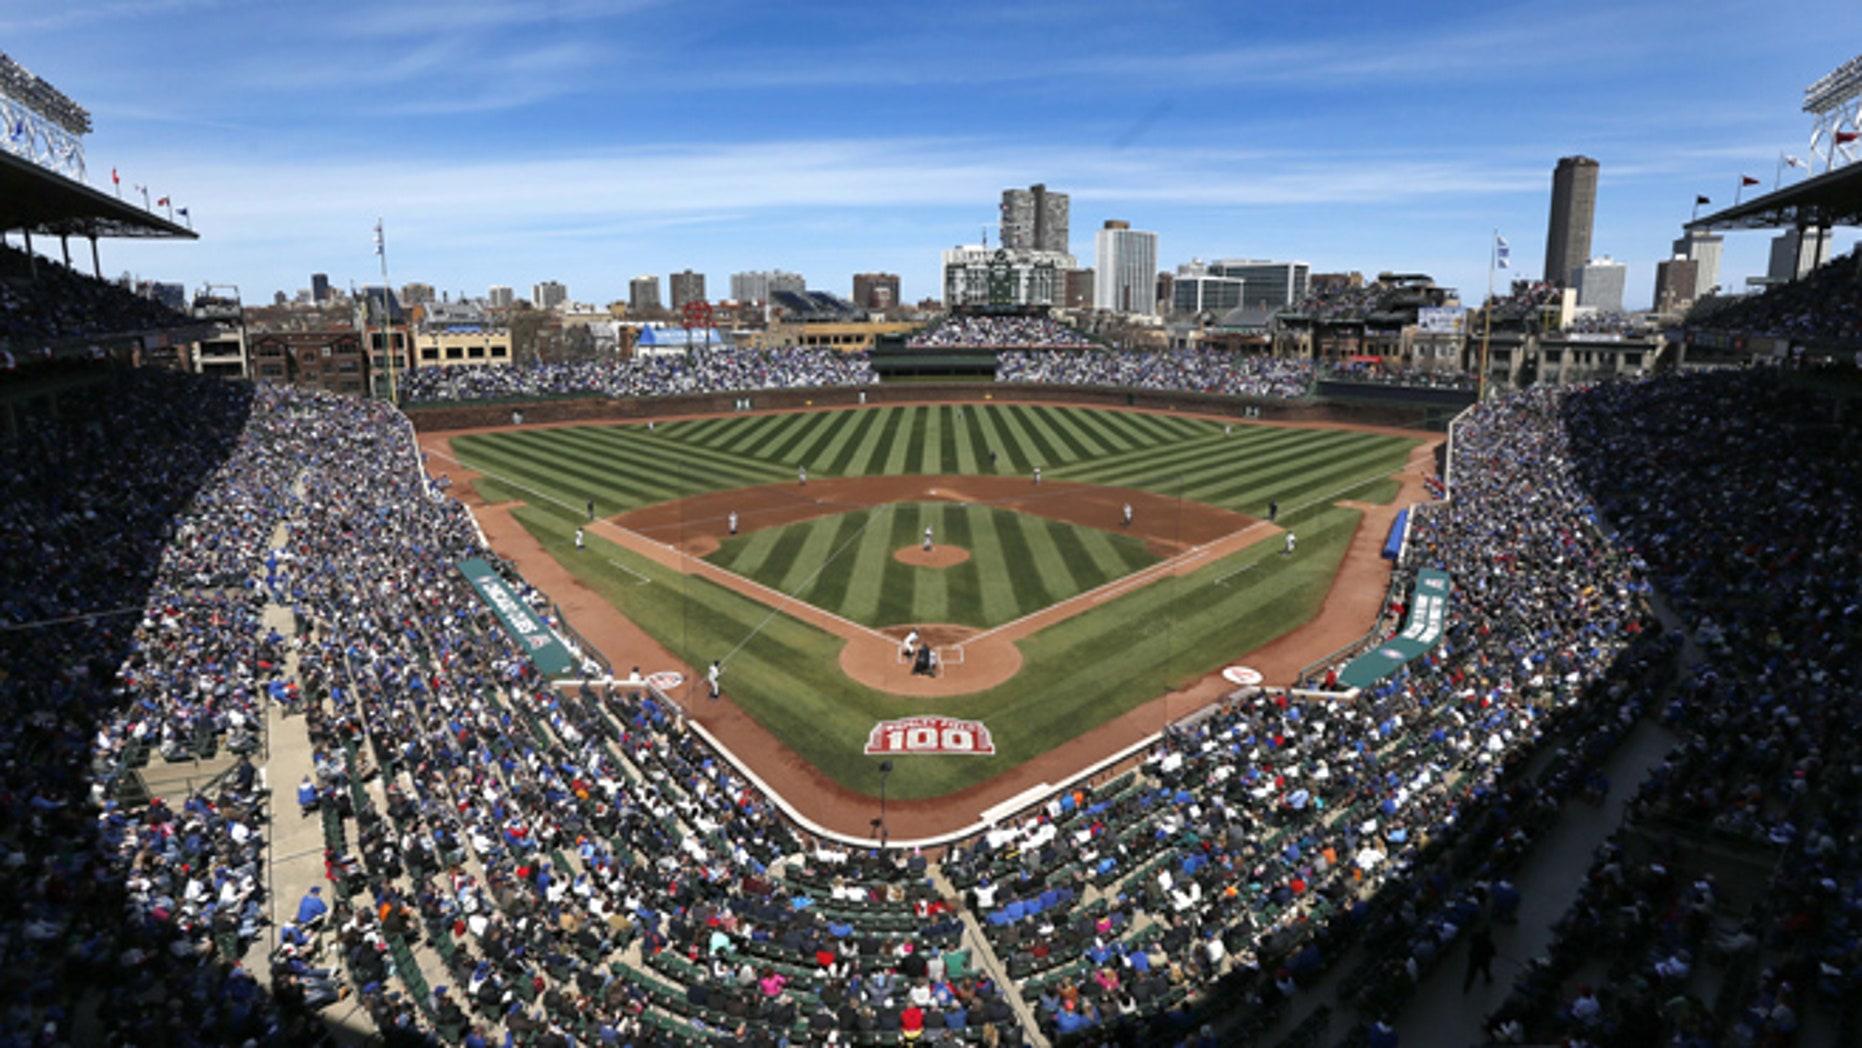 April 23, 2014: The Arizona Diamondbacks and Chicago Cubs begin a baseball game at Wrigley Field.